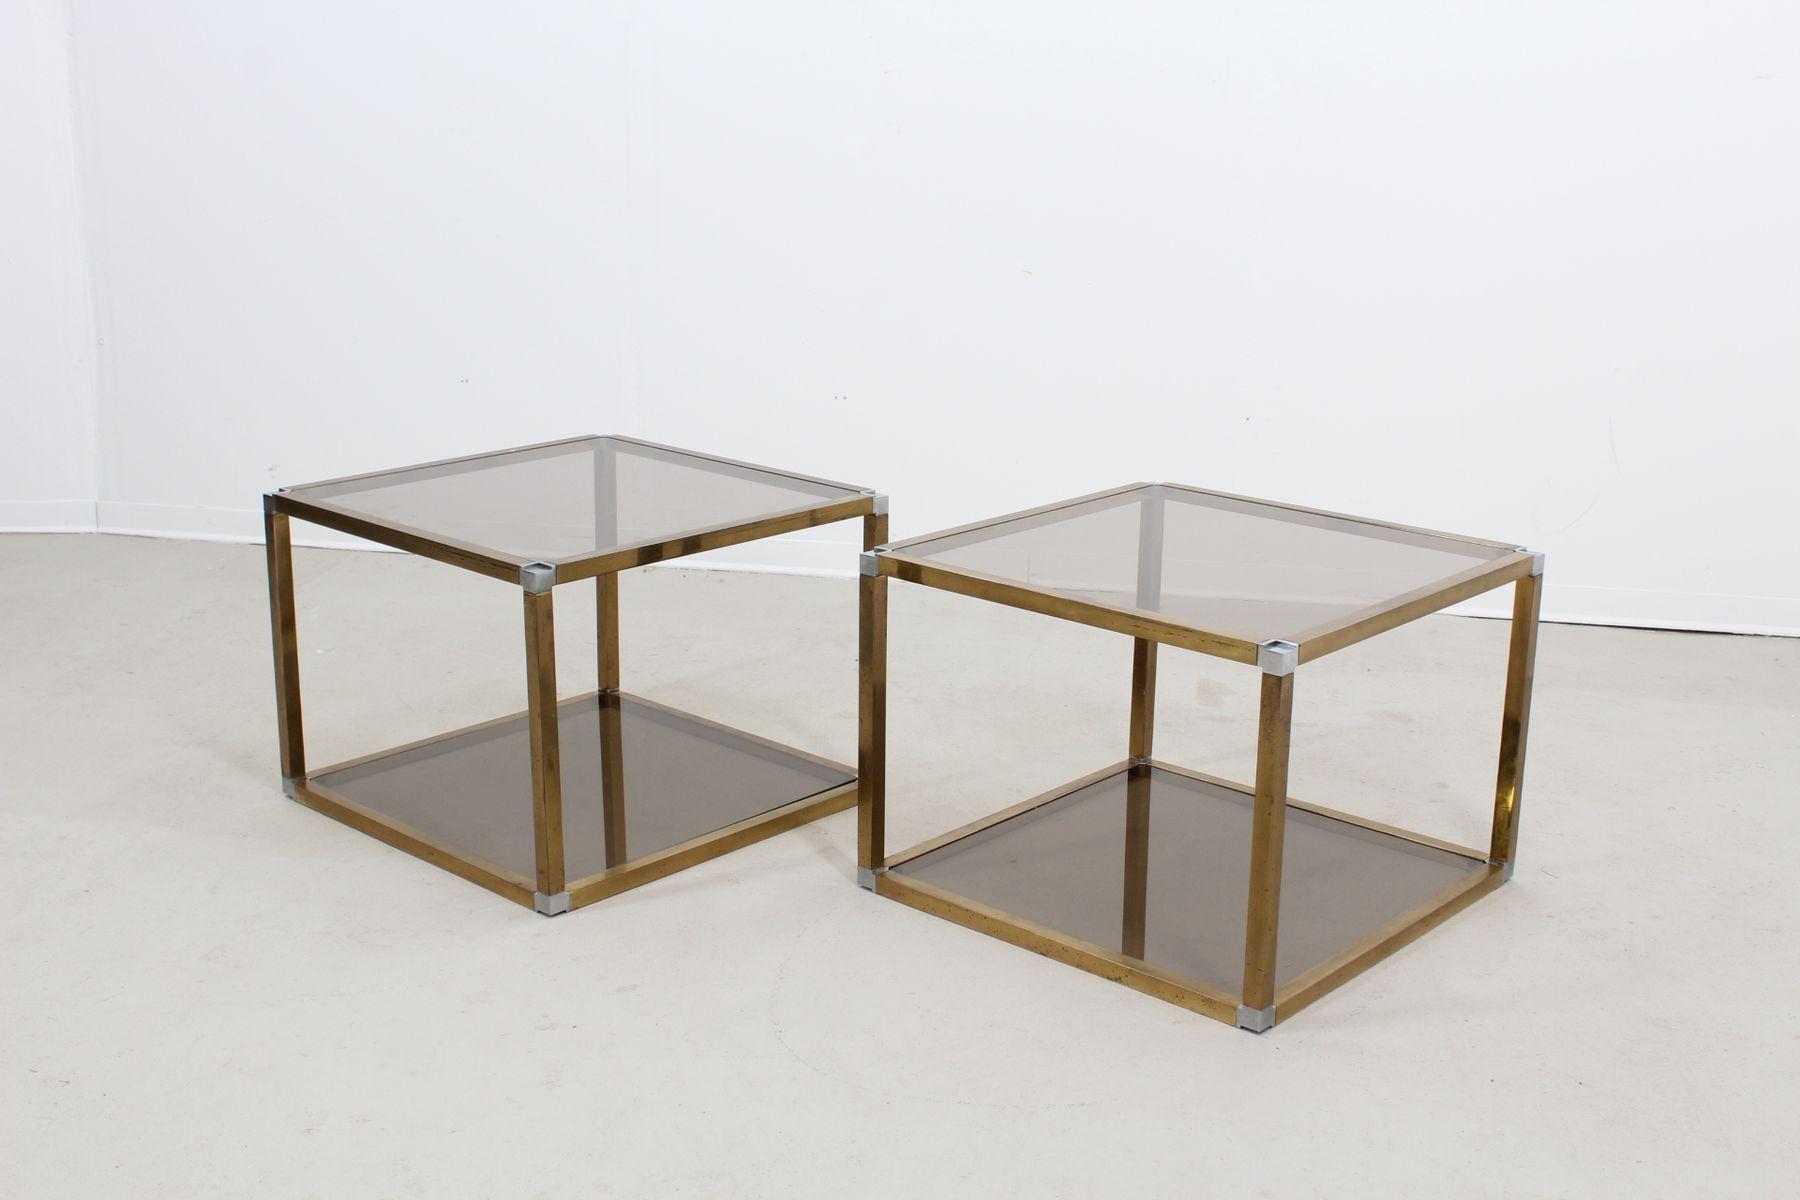 Tavolini da caff in ottone e vetro di romeo rega anni - Tavolini vetro e ottone ...